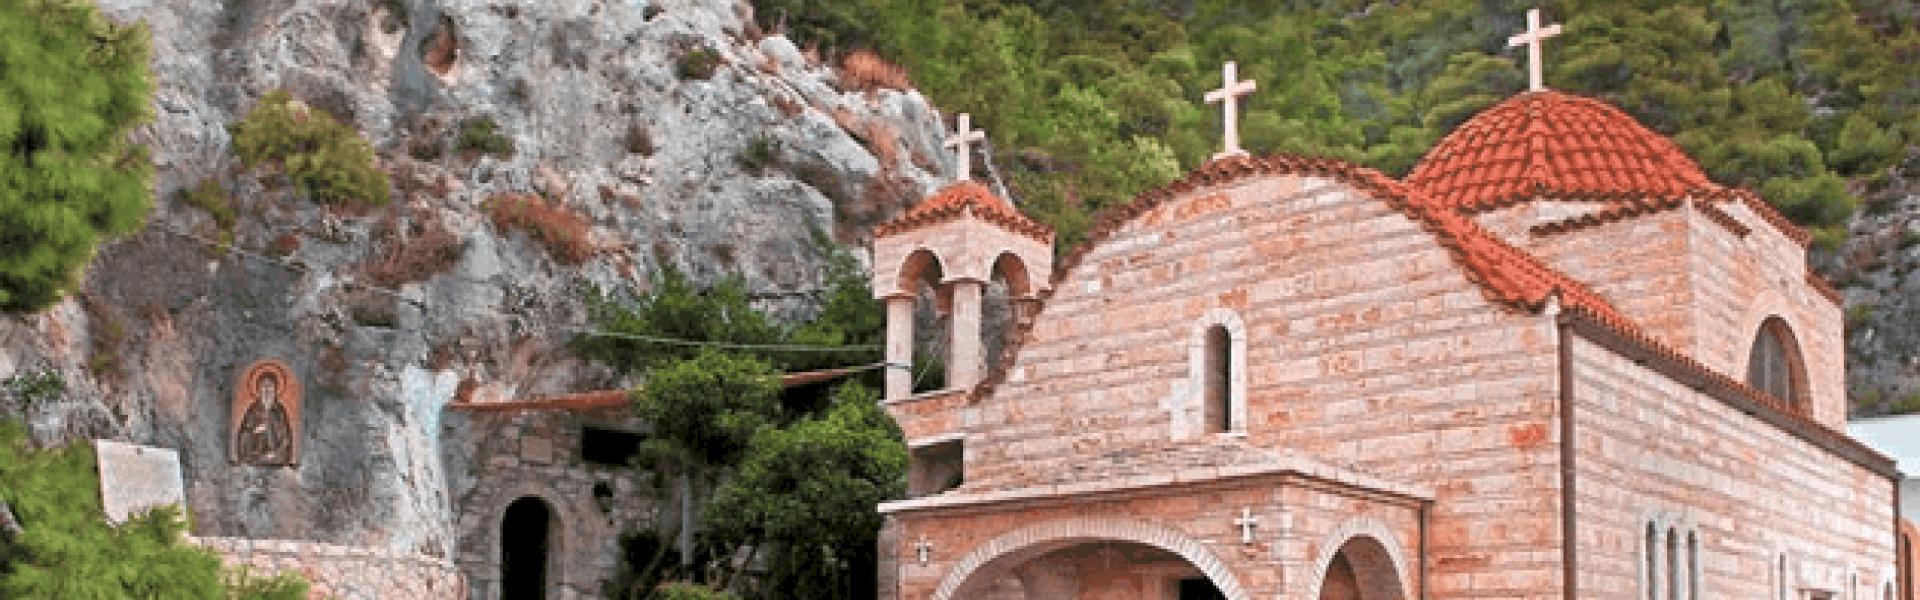 Μονή Οσίου Παταπίου